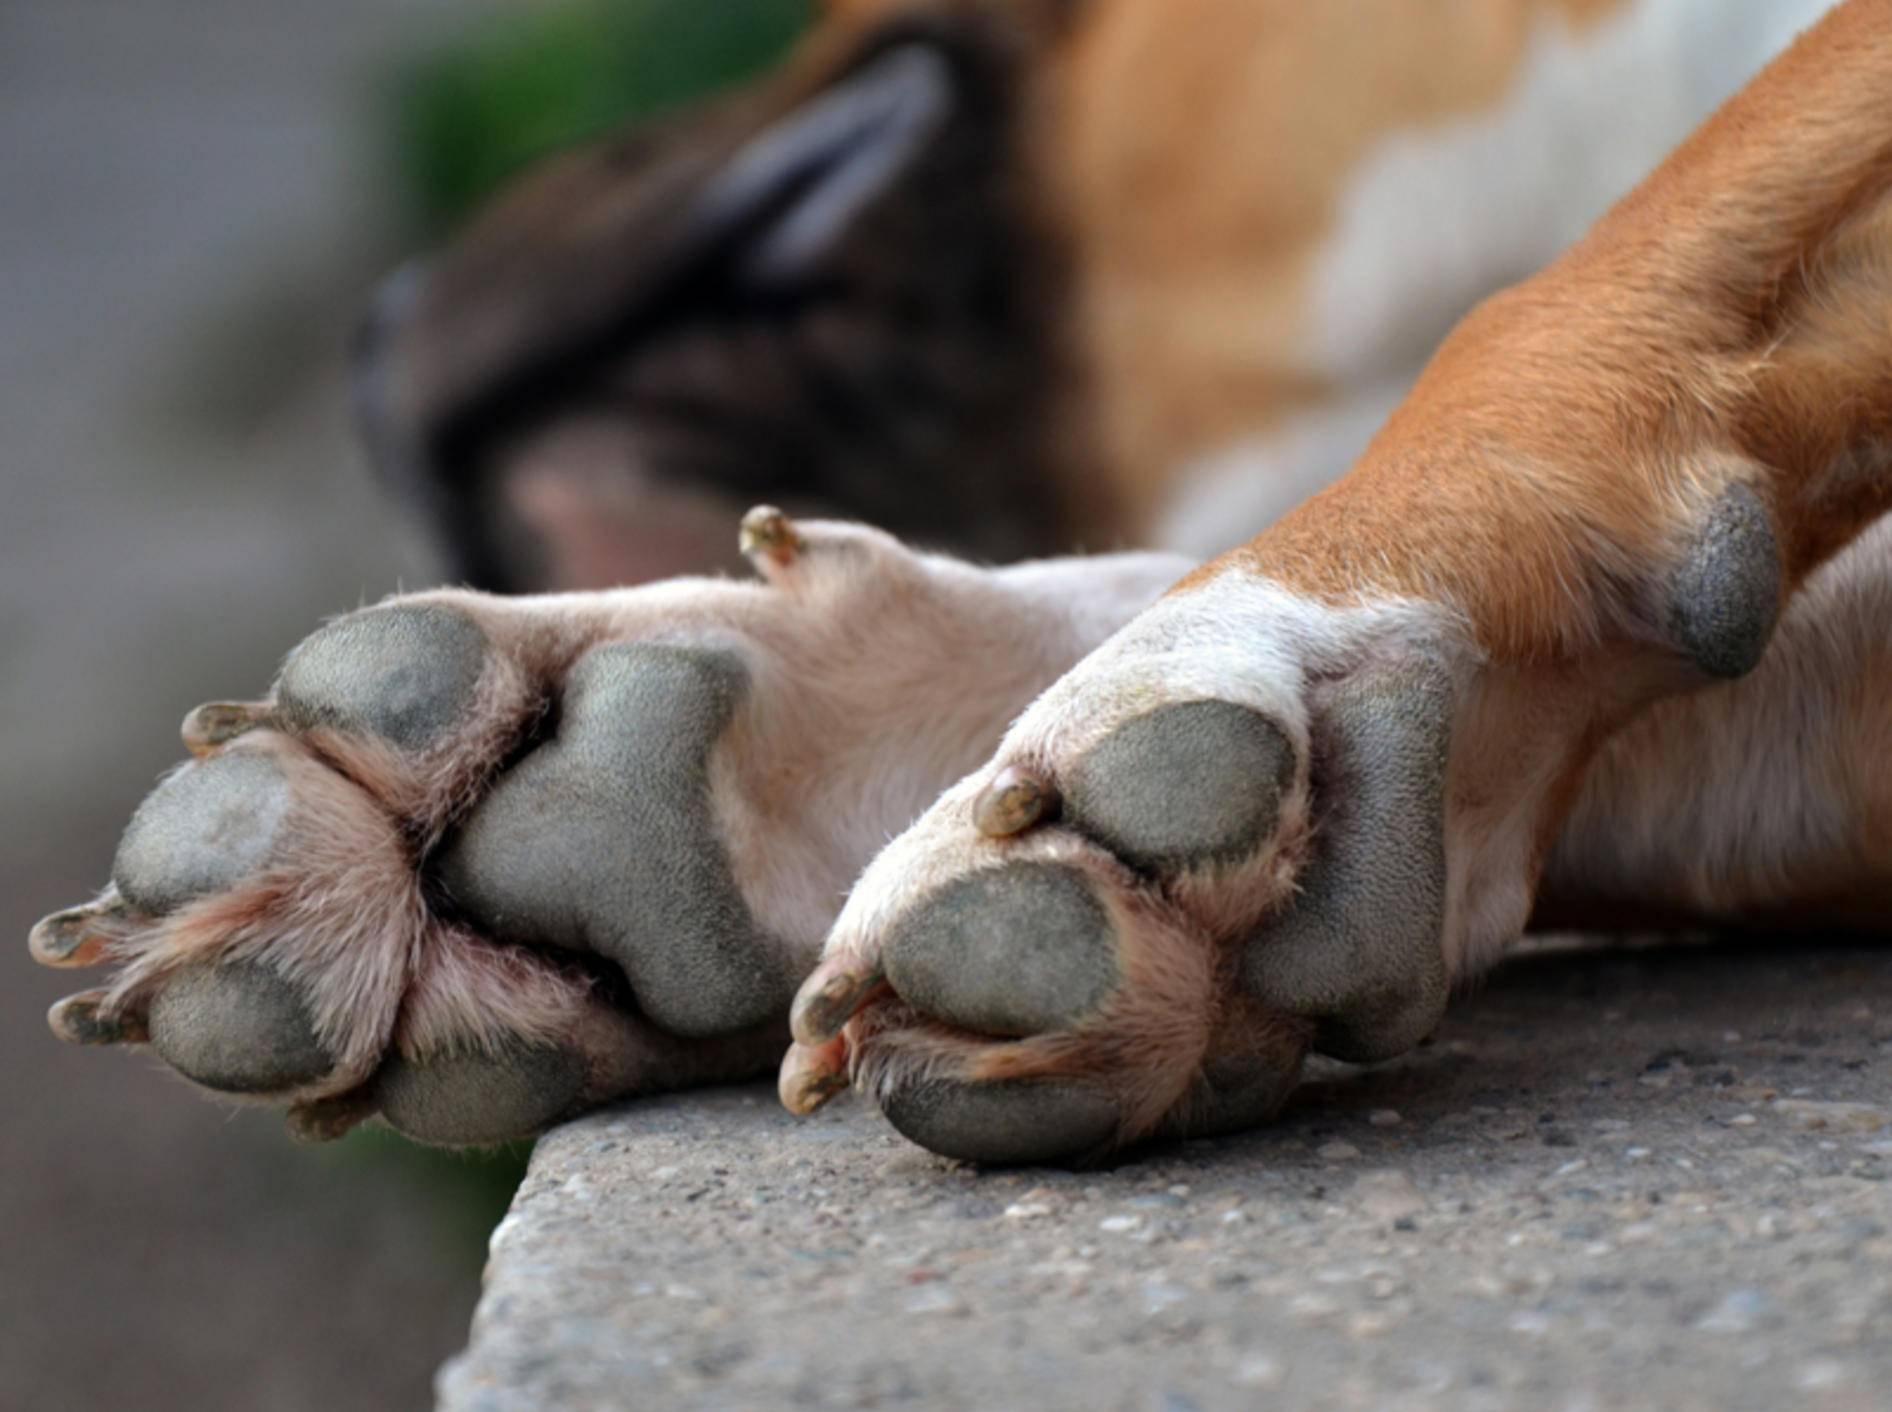 Wenn Ihr Hund sich ständig die Pfote leckt, kann das unterschiedliche Gründe haben – Bild: Shutterstock / Djordje Novakov